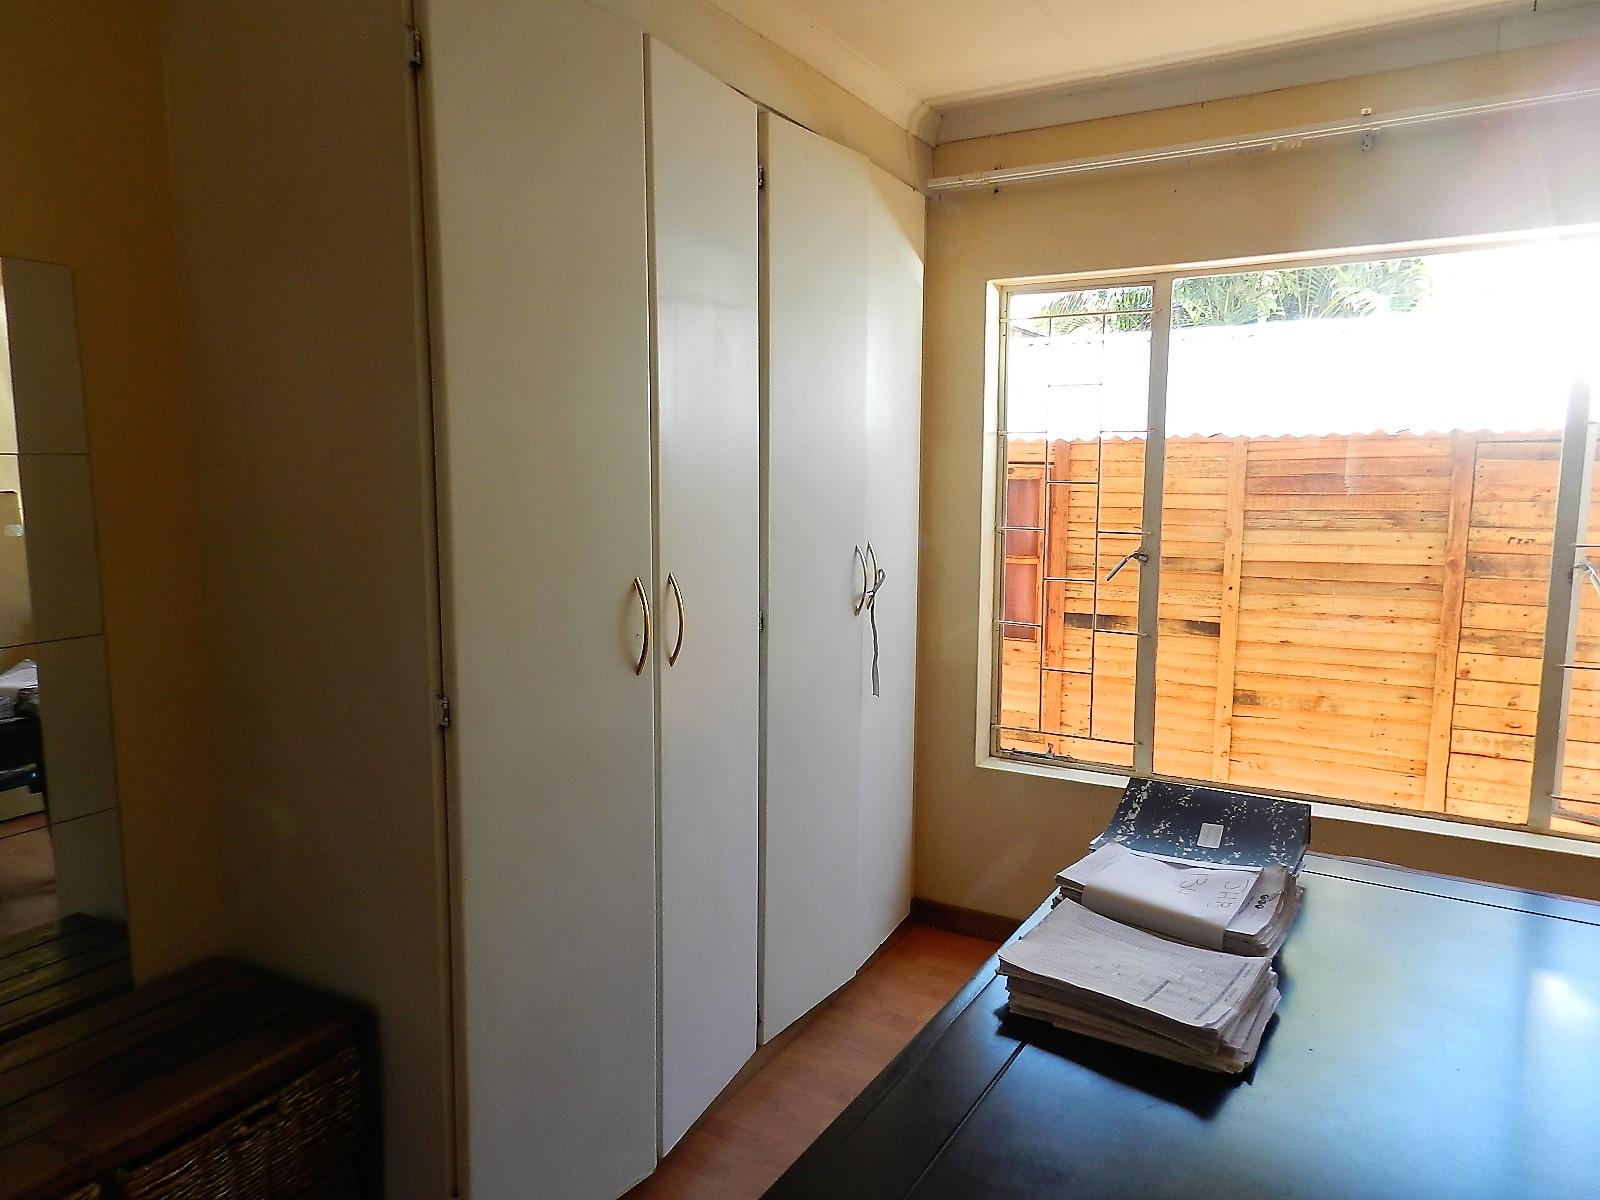 Property with potential in Doornpoort